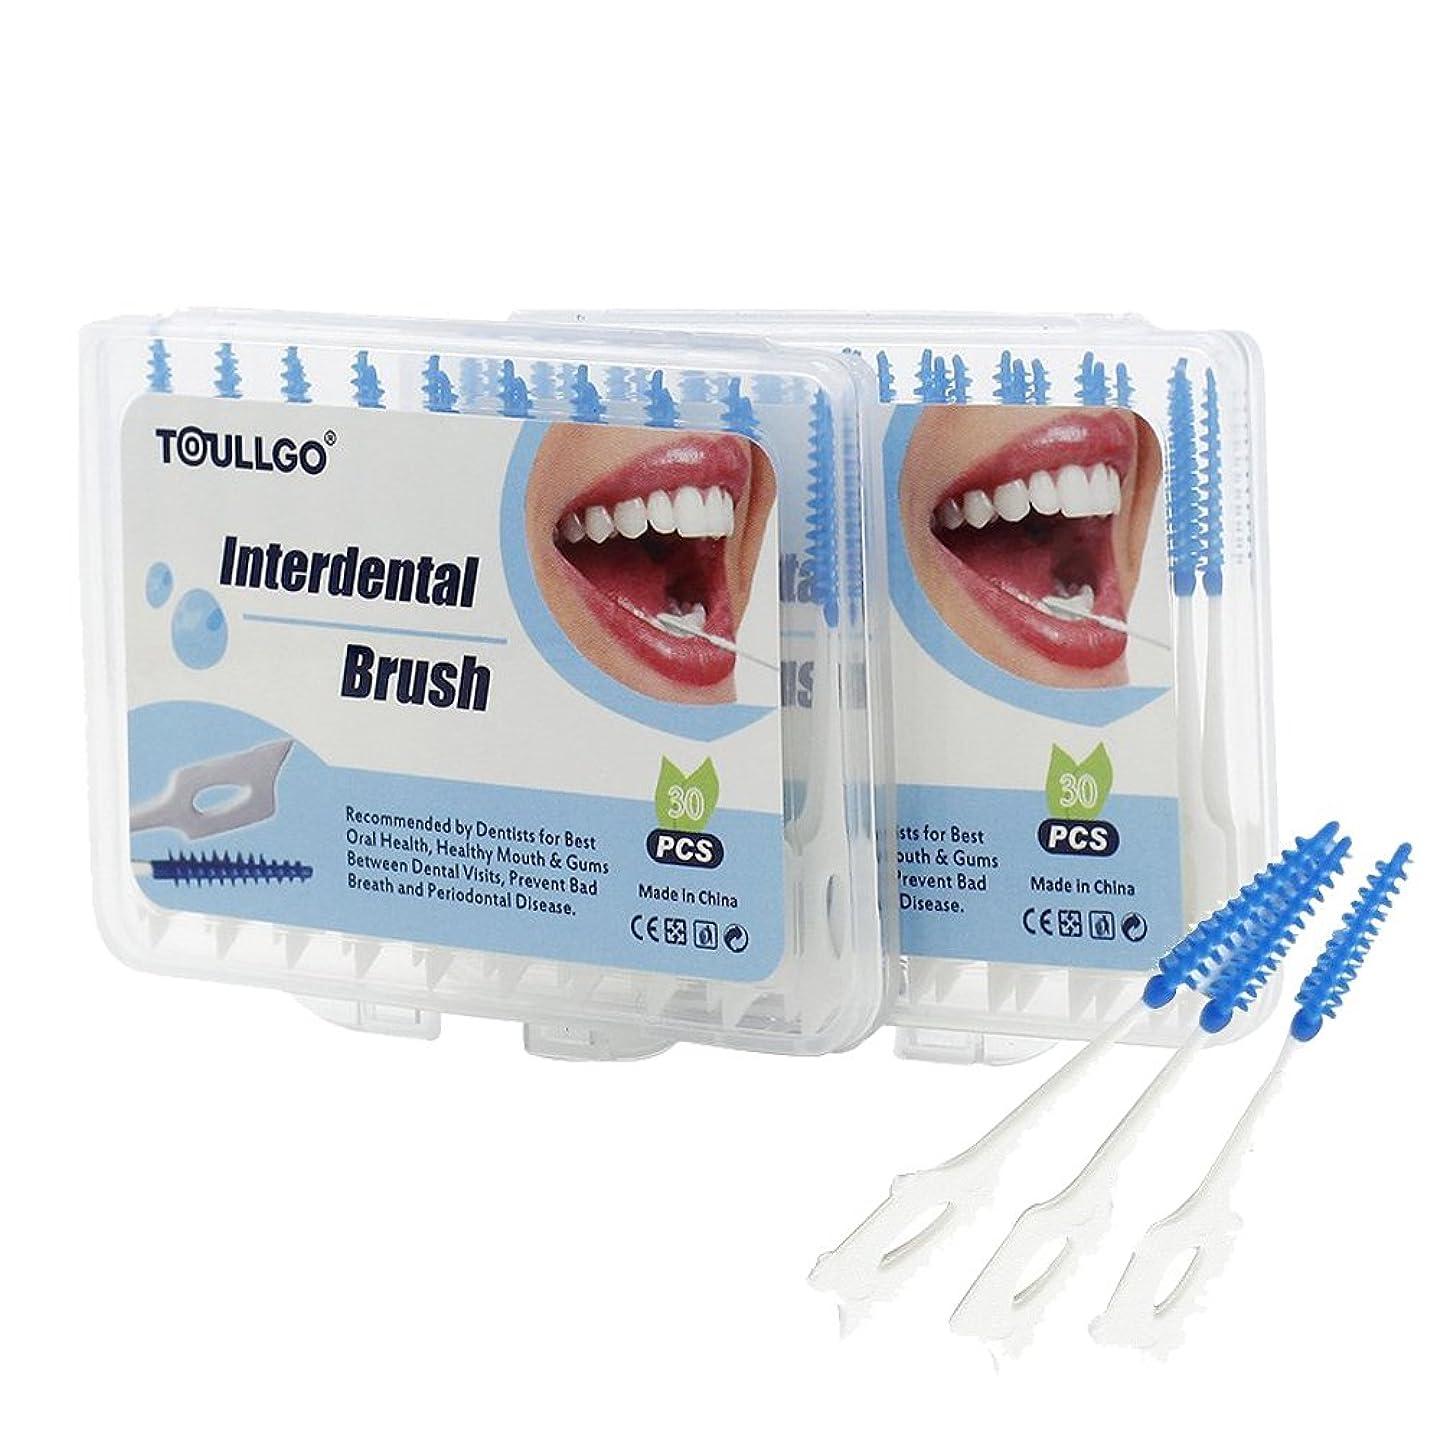 タイムリーなしおれた降伏歯間ブラシ のやわらか歯間ブラシ デイリー歯間ブラシ イン 30本×2個(計60本) お徳用 やわらかなゴムタイプ